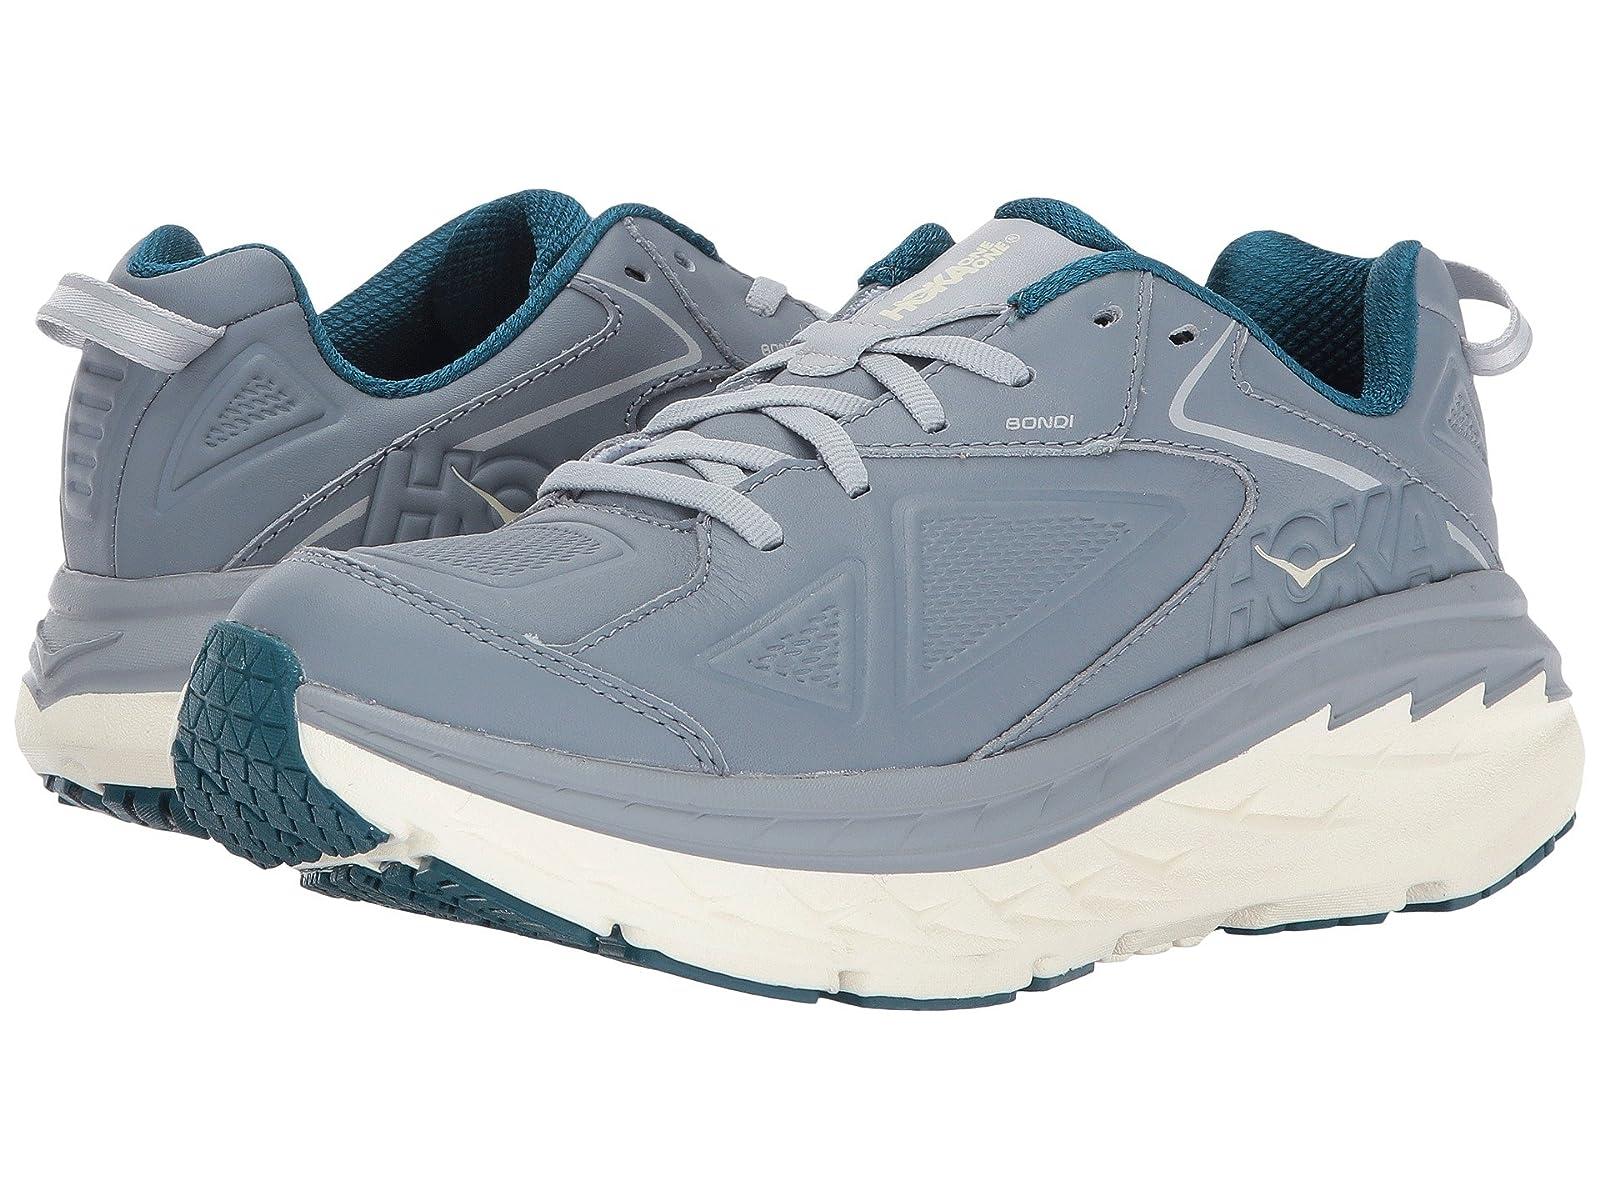 Hoka One One Bondi LeatherAtmospheric grades have affordable shoes